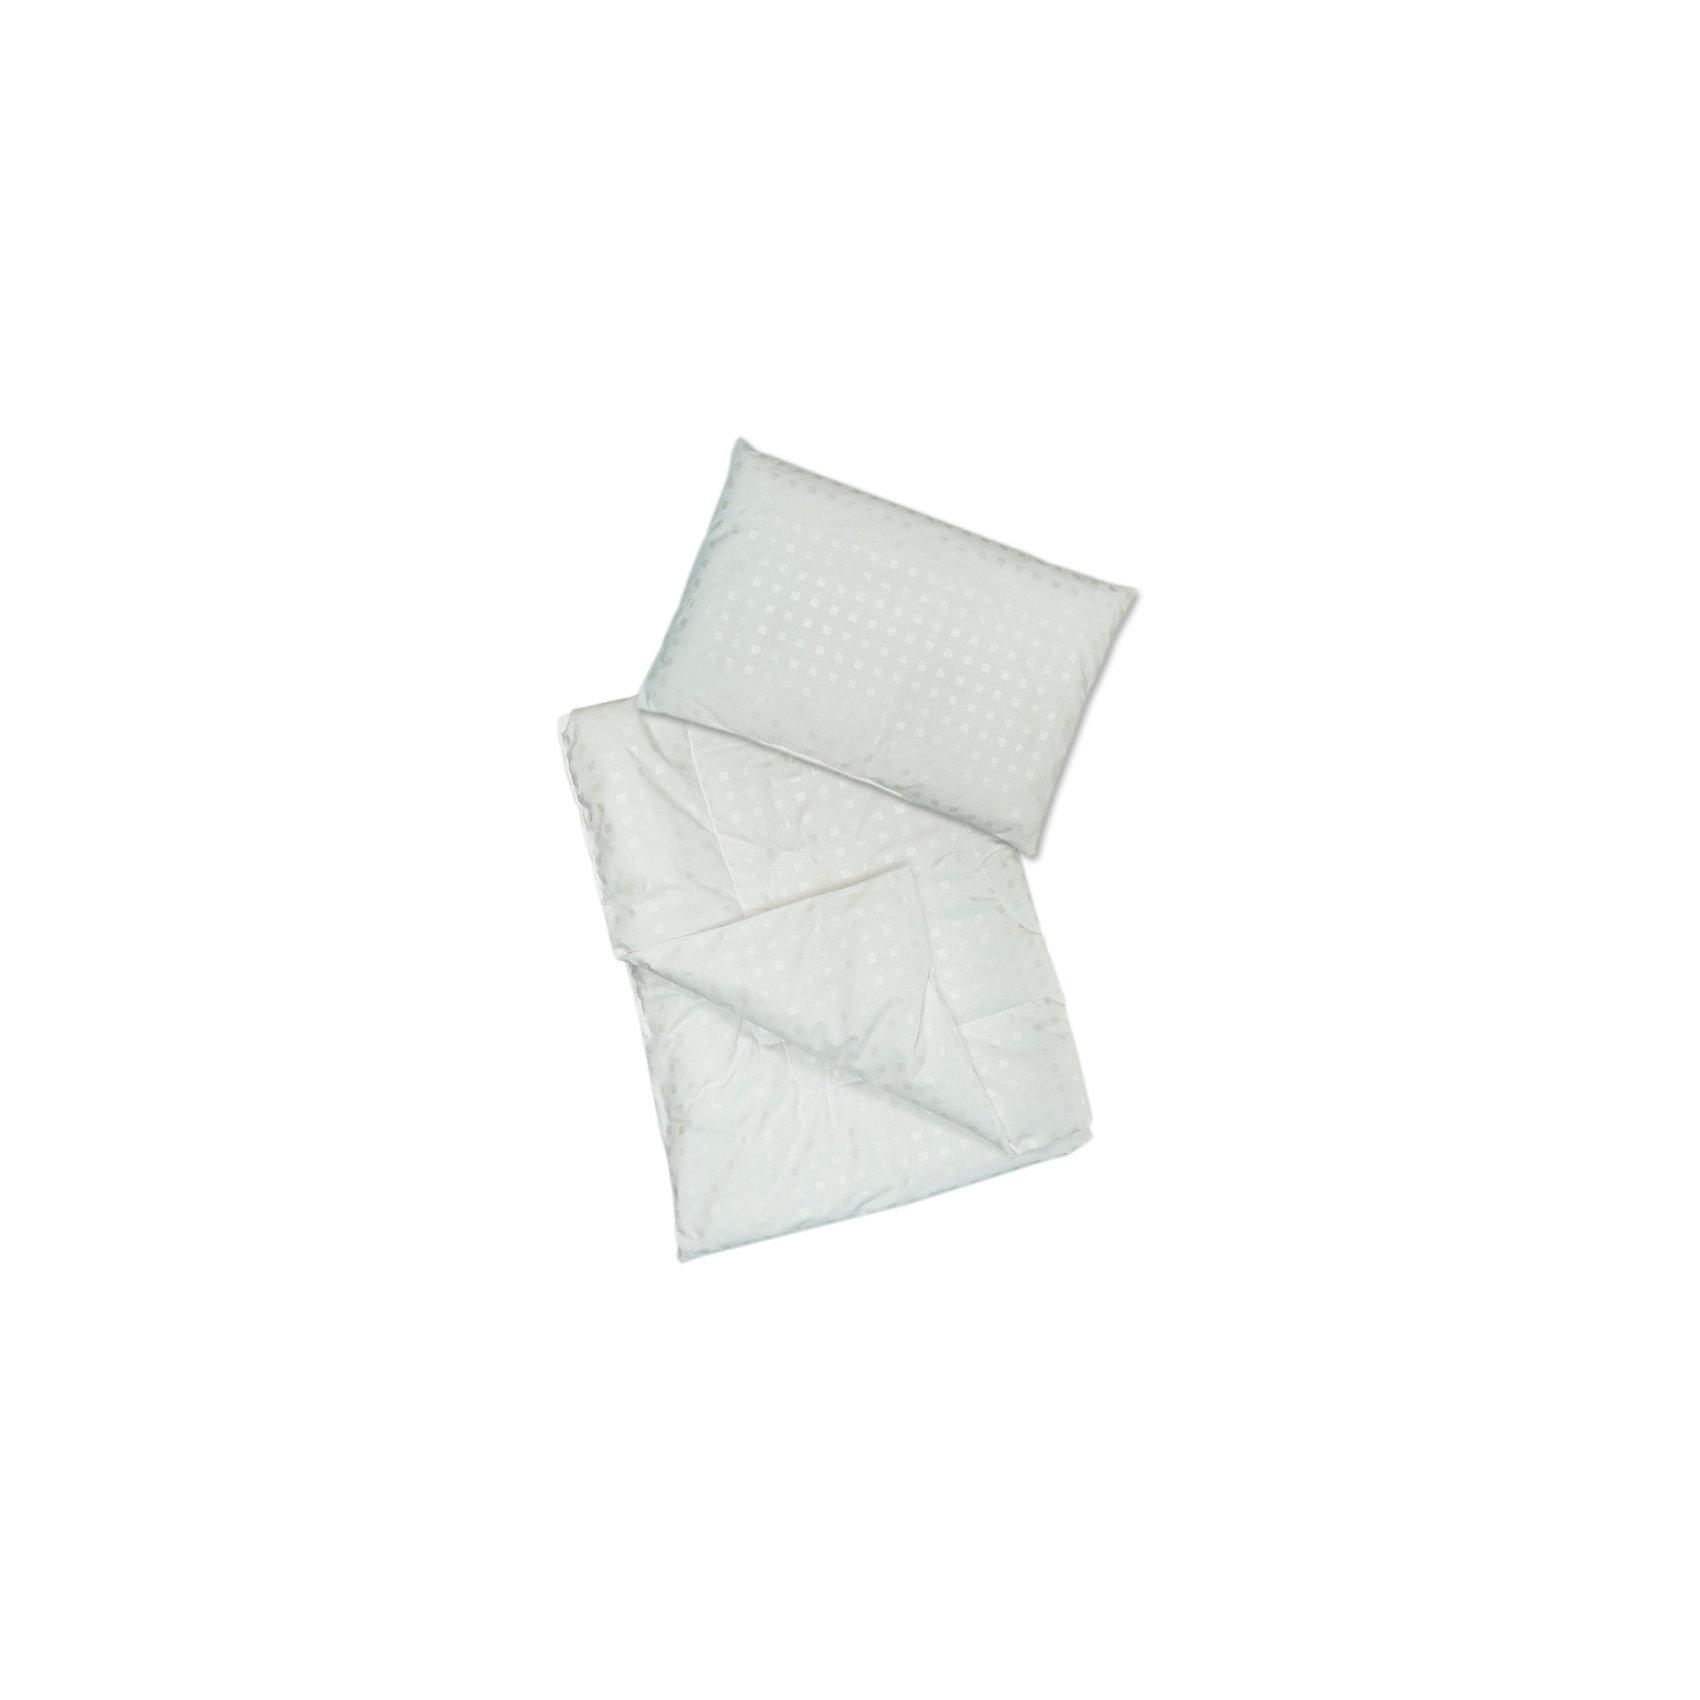 Комплект Одеялос подушкой Эвкалипт, 66, Сонный ГномикОдеяла, пледы<br>Комплектация: Одеяло, подушка<br>Размер, см: Одеяло: 110х140, Подушка: 40х60<br>Материал: Тик (100% хлопок)<br>Наполнитель: эвкалиптовое волокно (25%), экофайбер (75%, пэ)<br><br>Ширина мм: 65<br>Глубина мм: 15<br>Высота мм: 75<br>Вес г: 900<br>Возраст от месяцев: 0<br>Возраст до месяцев: 36<br>Пол: Унисекс<br>Возраст: Детский<br>SKU: 5454108